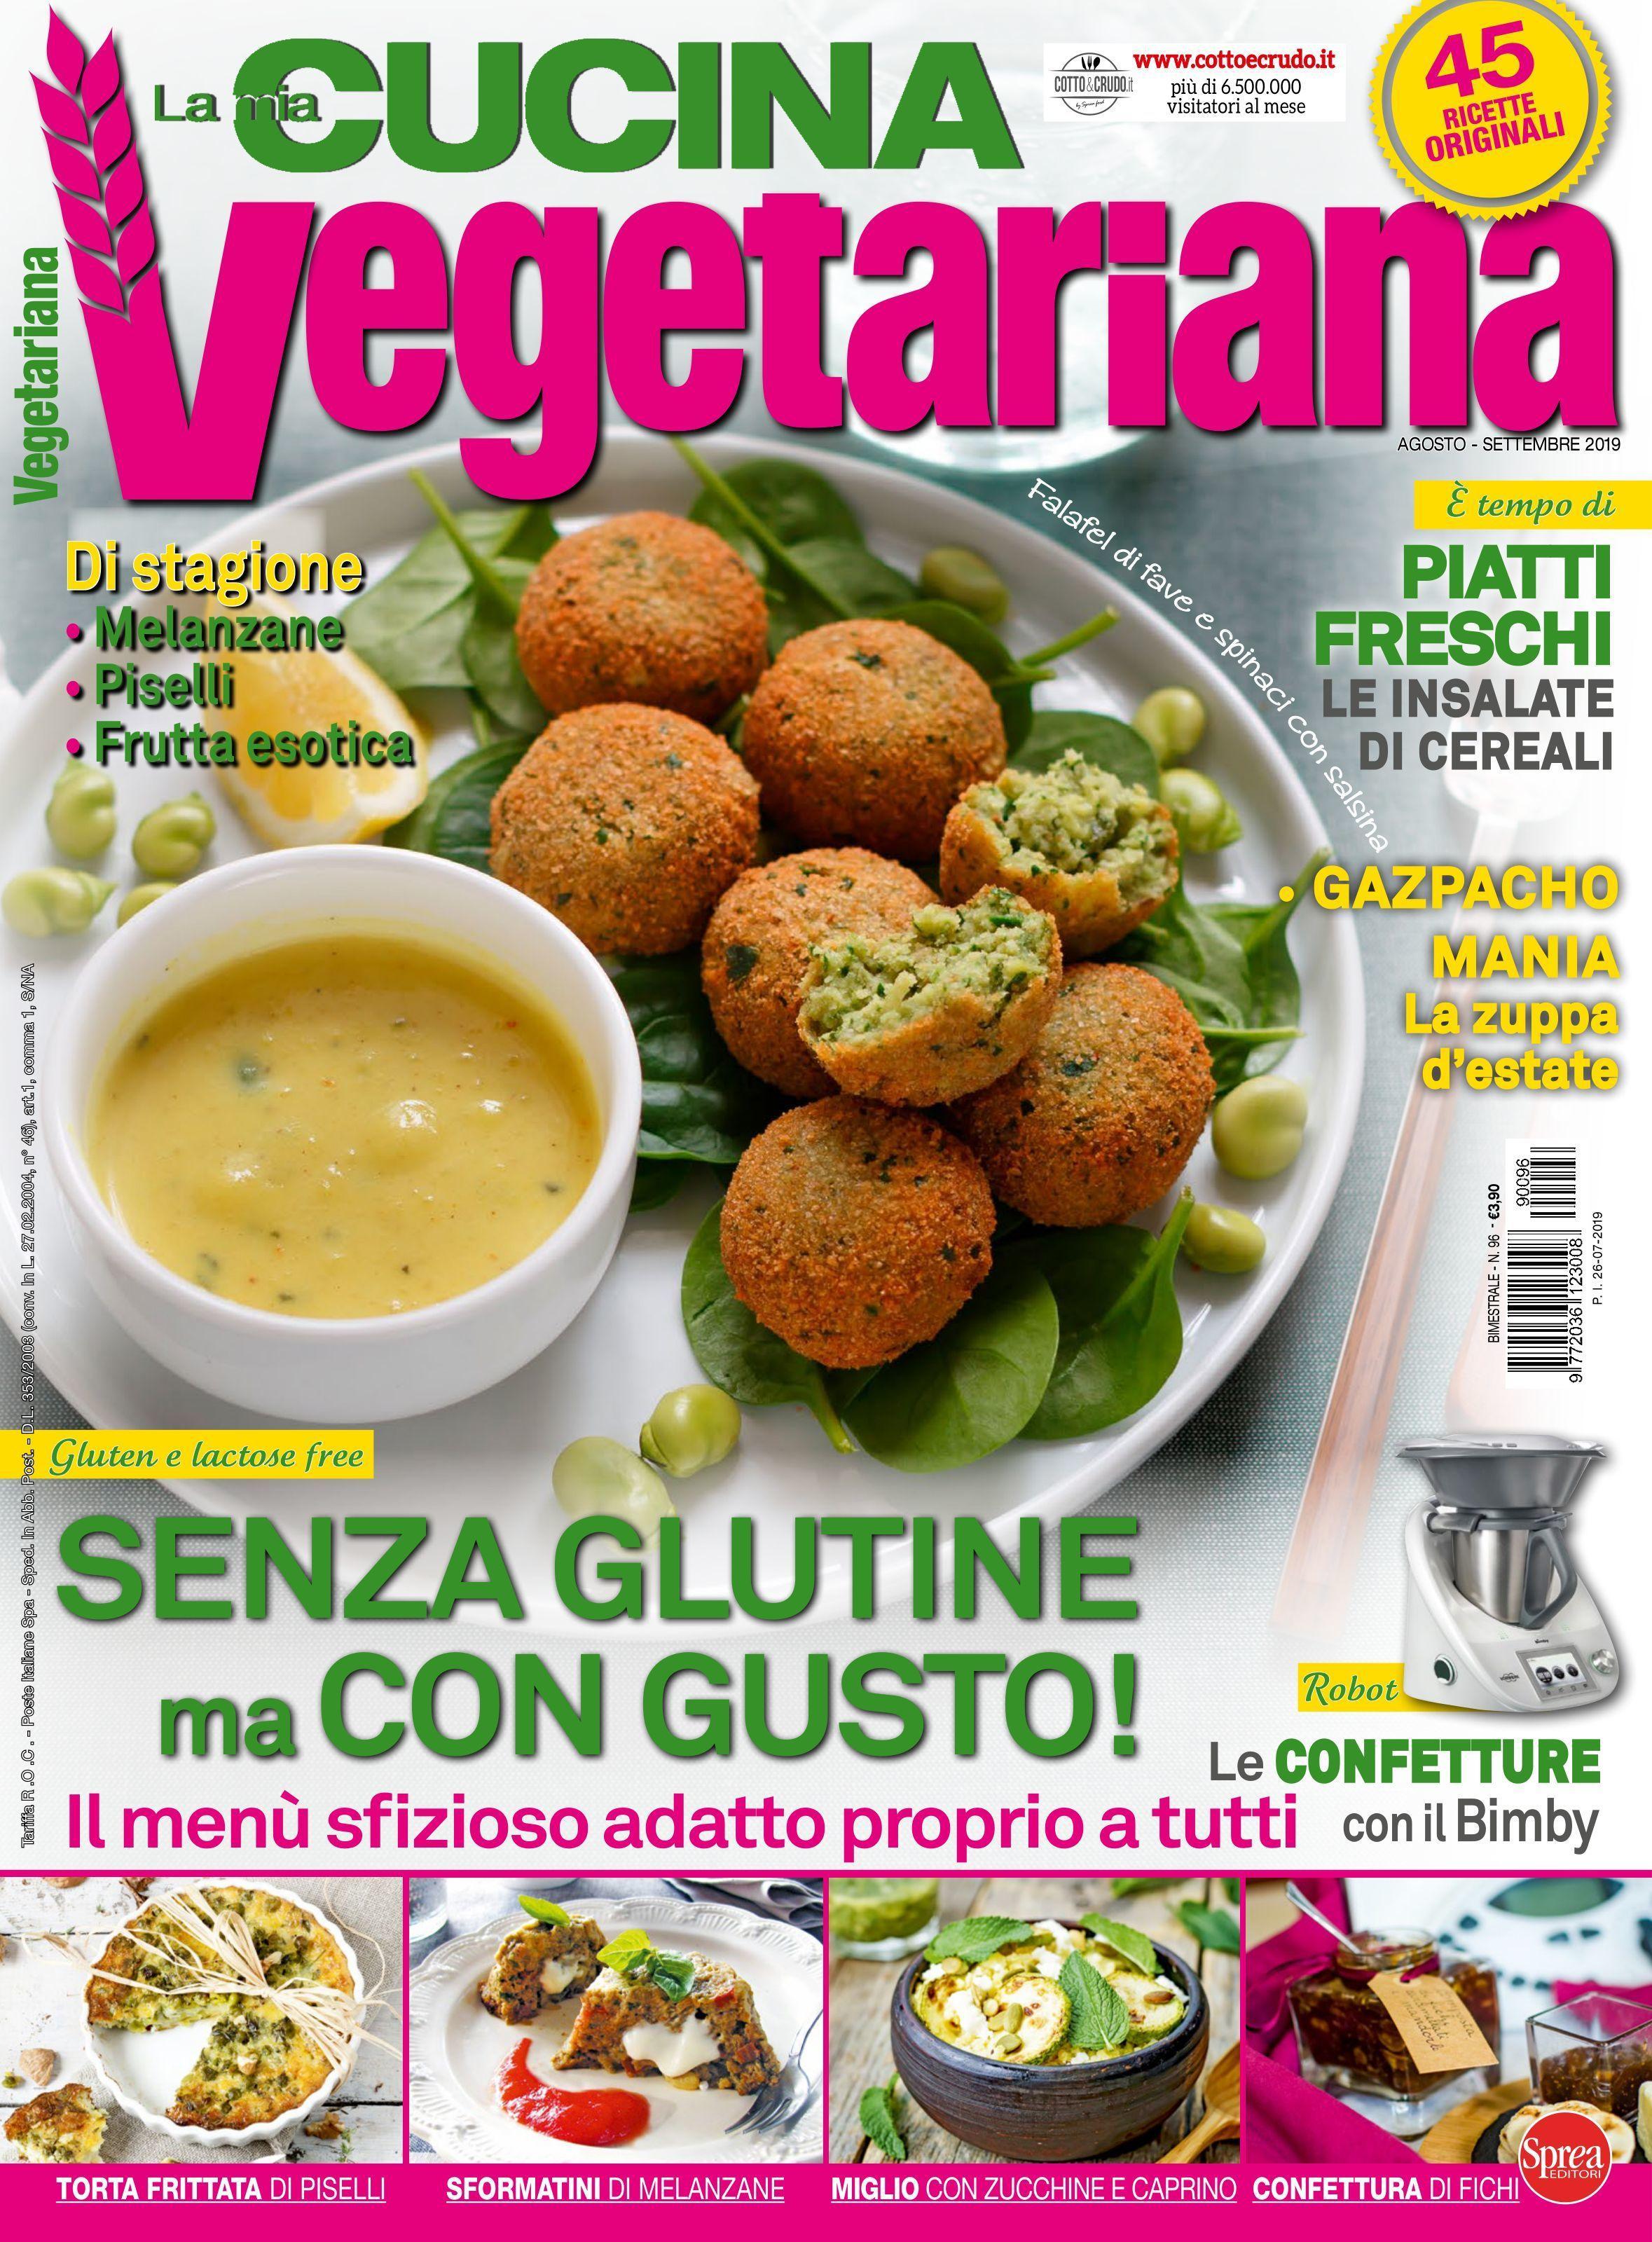 La Mia Cucina Vegetariana – Agosto-Settembre 2019